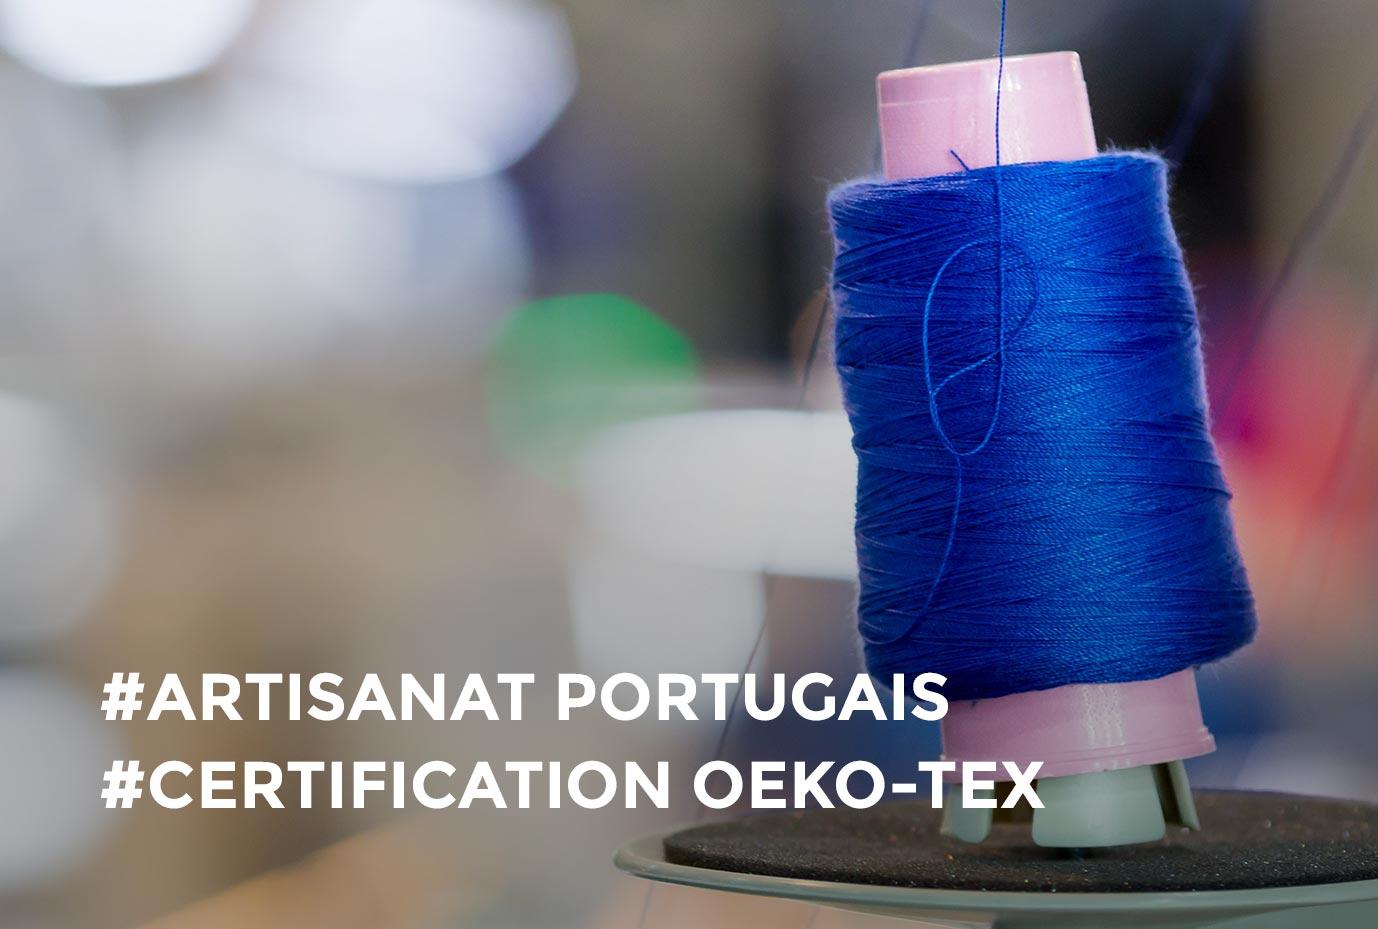 Orgo - Artisanat Portugais